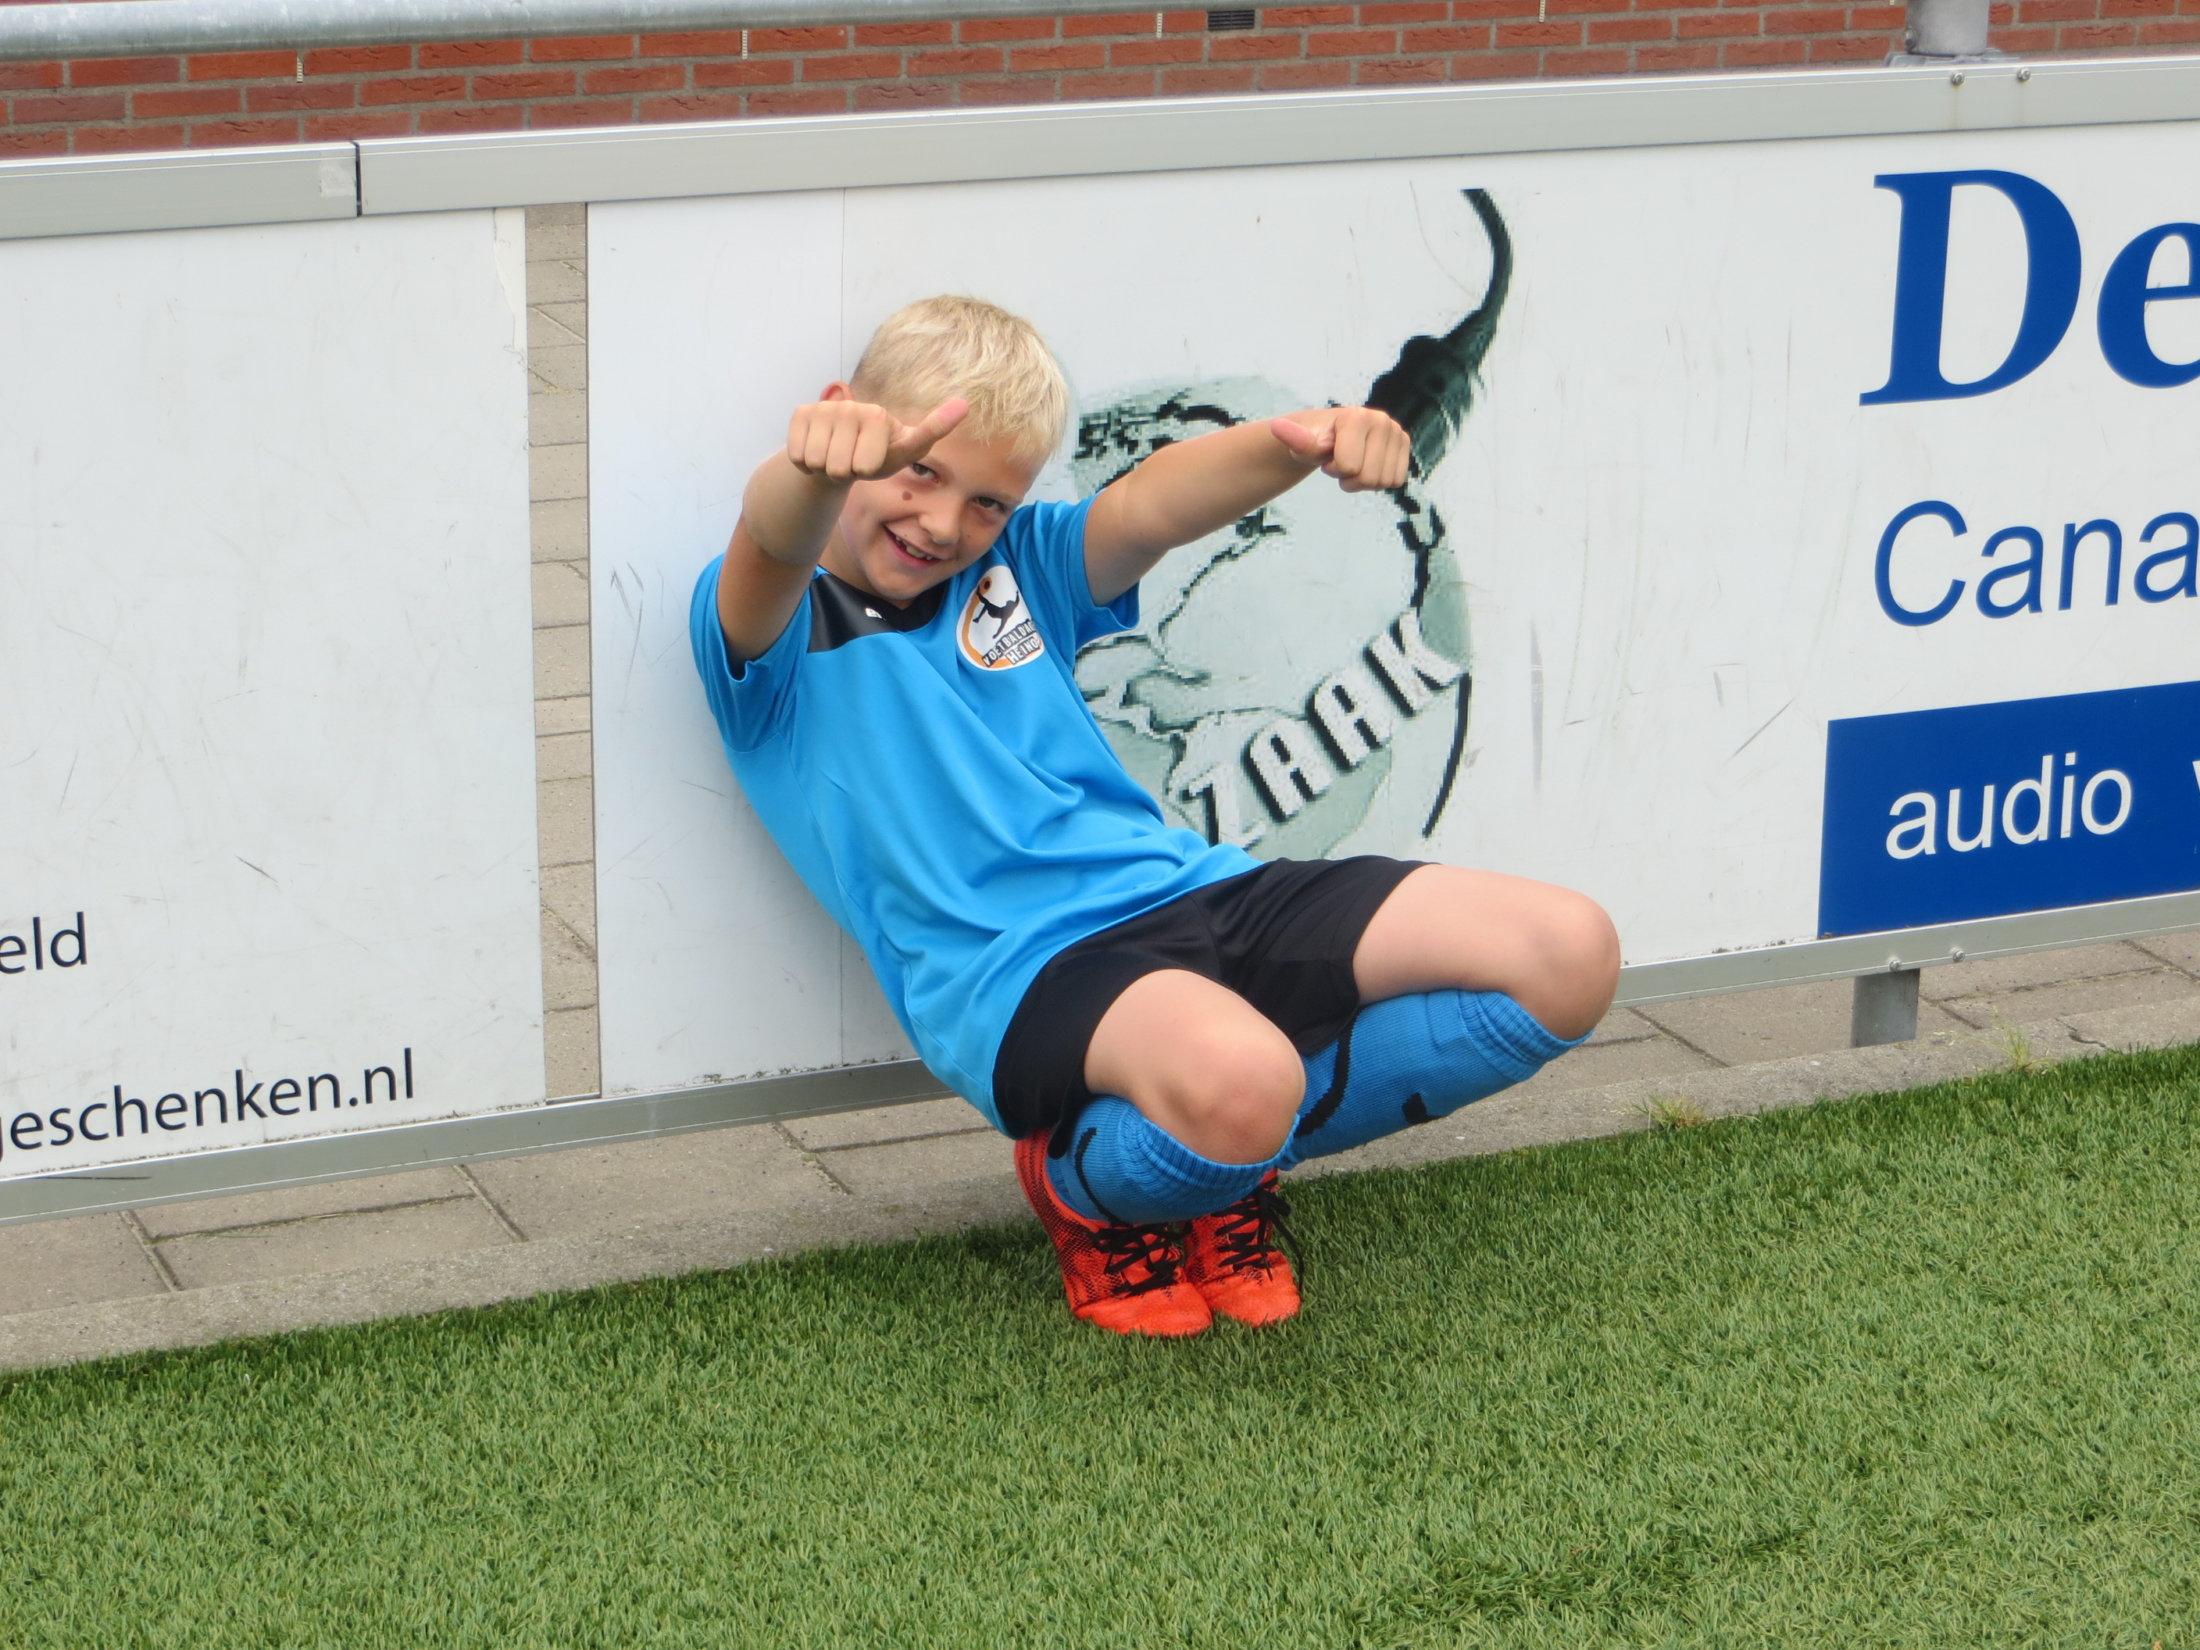 Voetbaldagen Dag 1, Foto 1 - Sallandse voetbaldagen